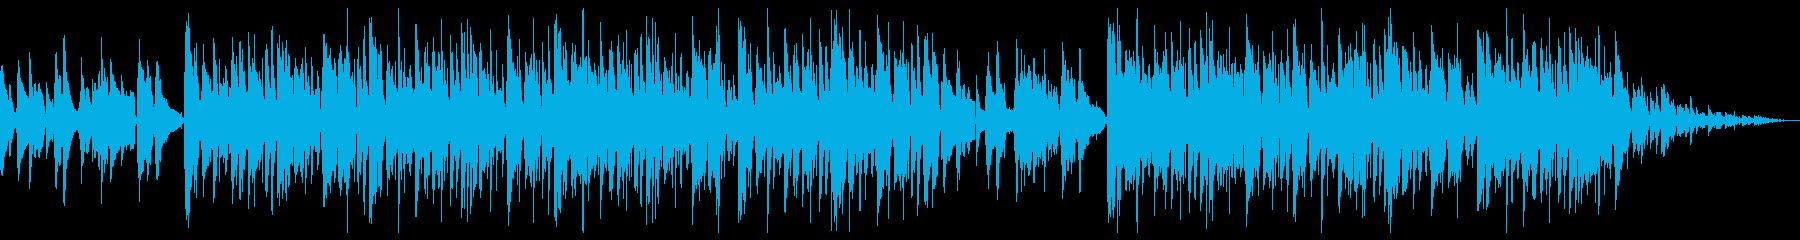 チルホップ ネオソウルギターとサックス2の再生済みの波形